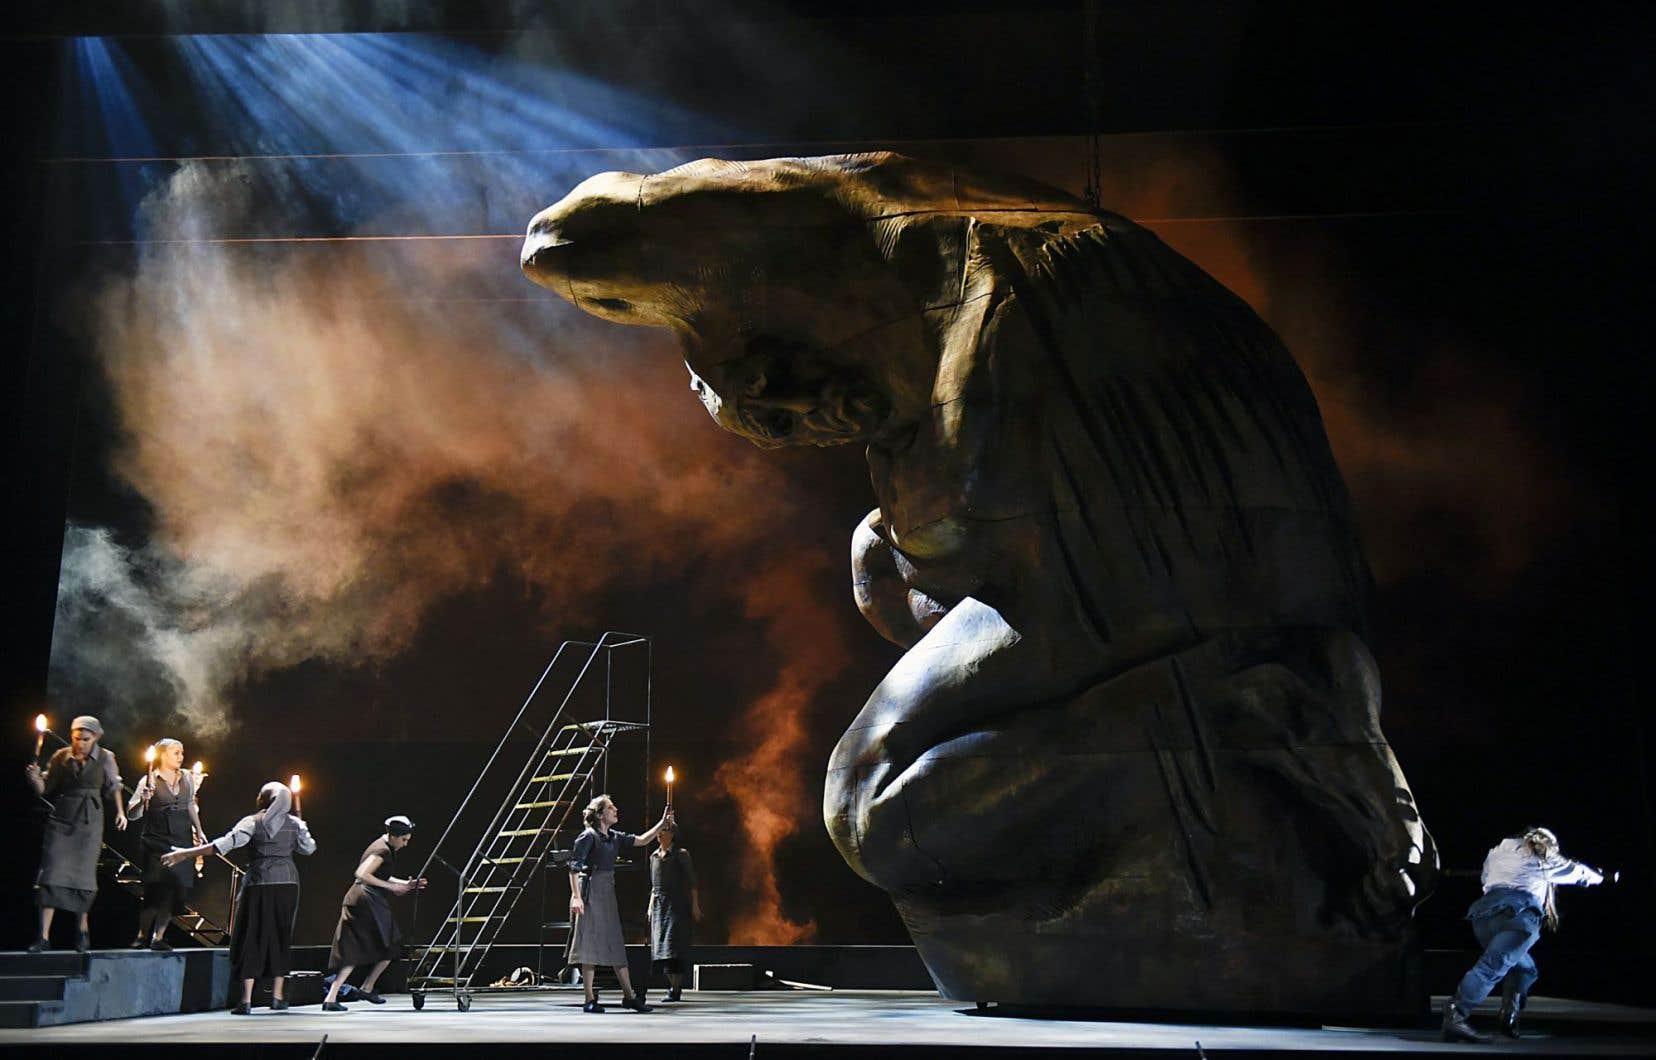 La nature même du spectacle et son point nodal, symbolisé par la statue géante d'Agamemnon, sont radicalement différents de la lecture habituelle.